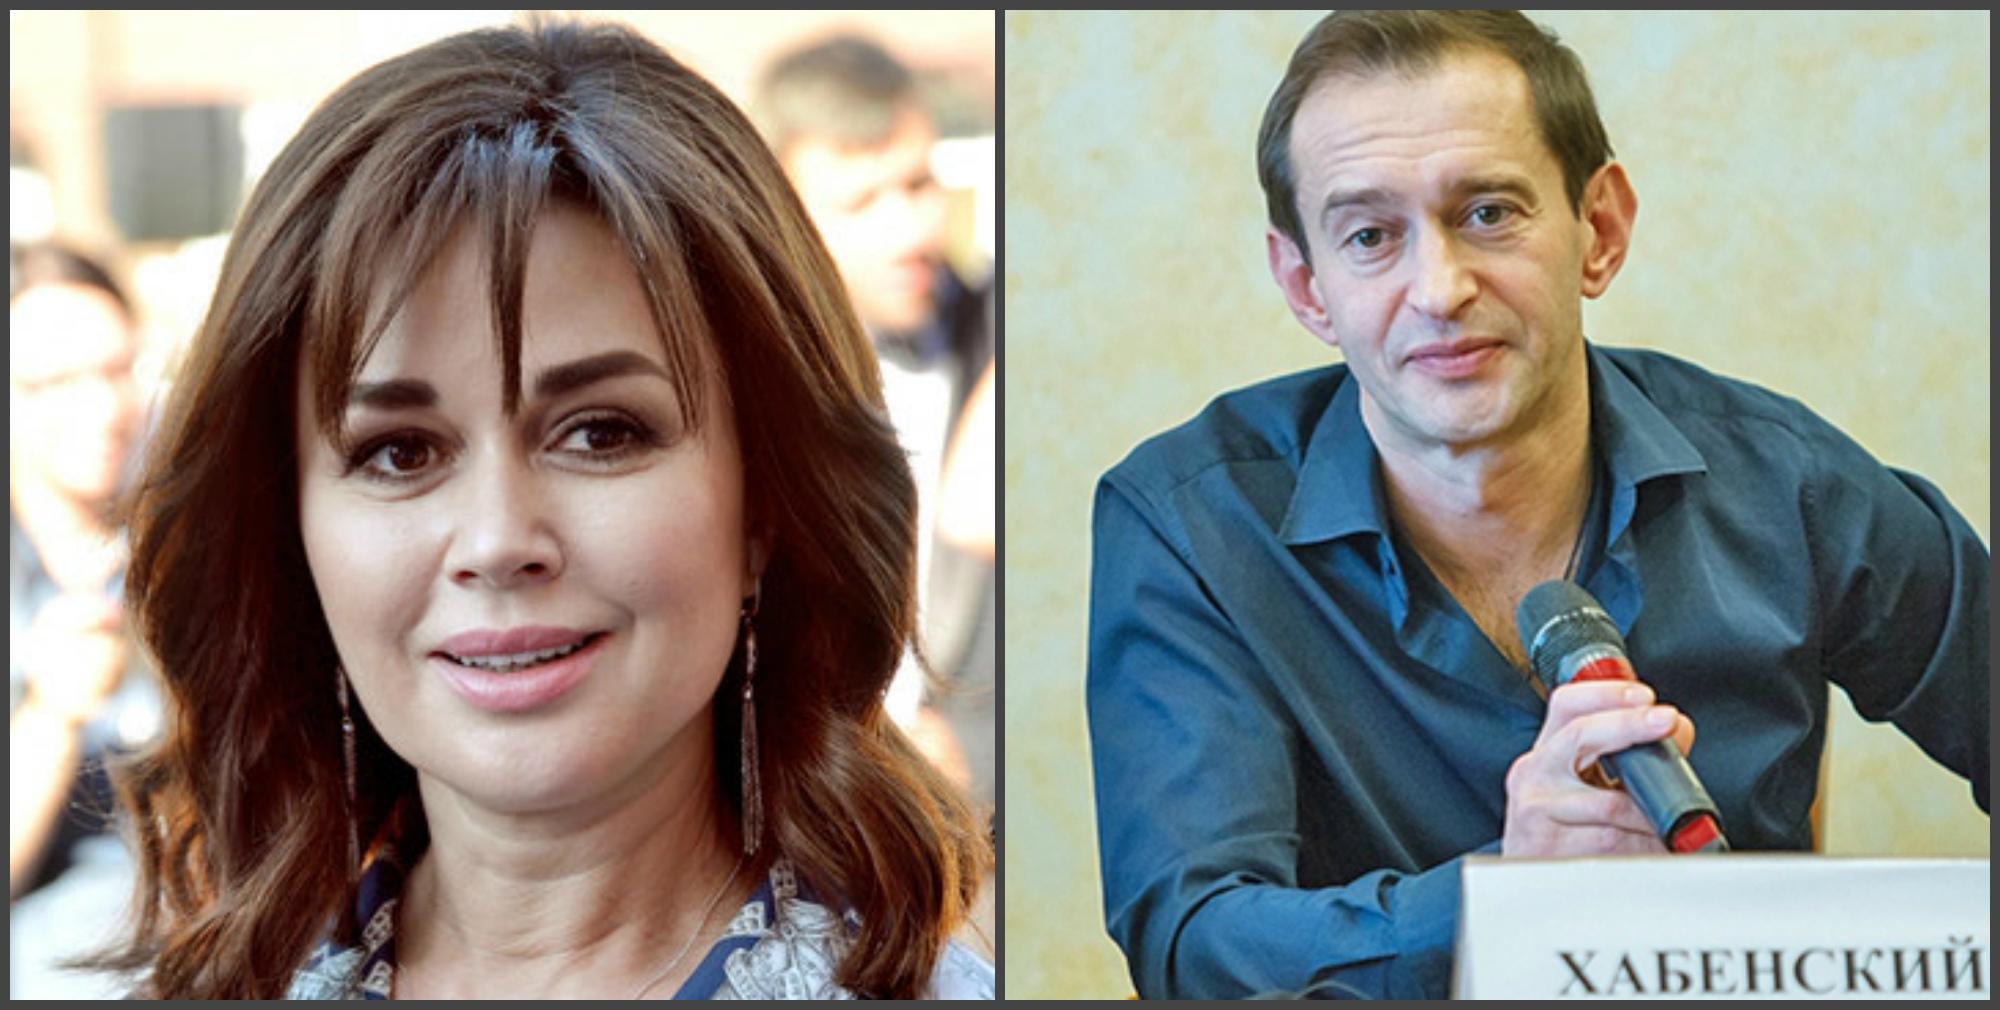 легковыми актер хабенский фото его жены дрожжевым